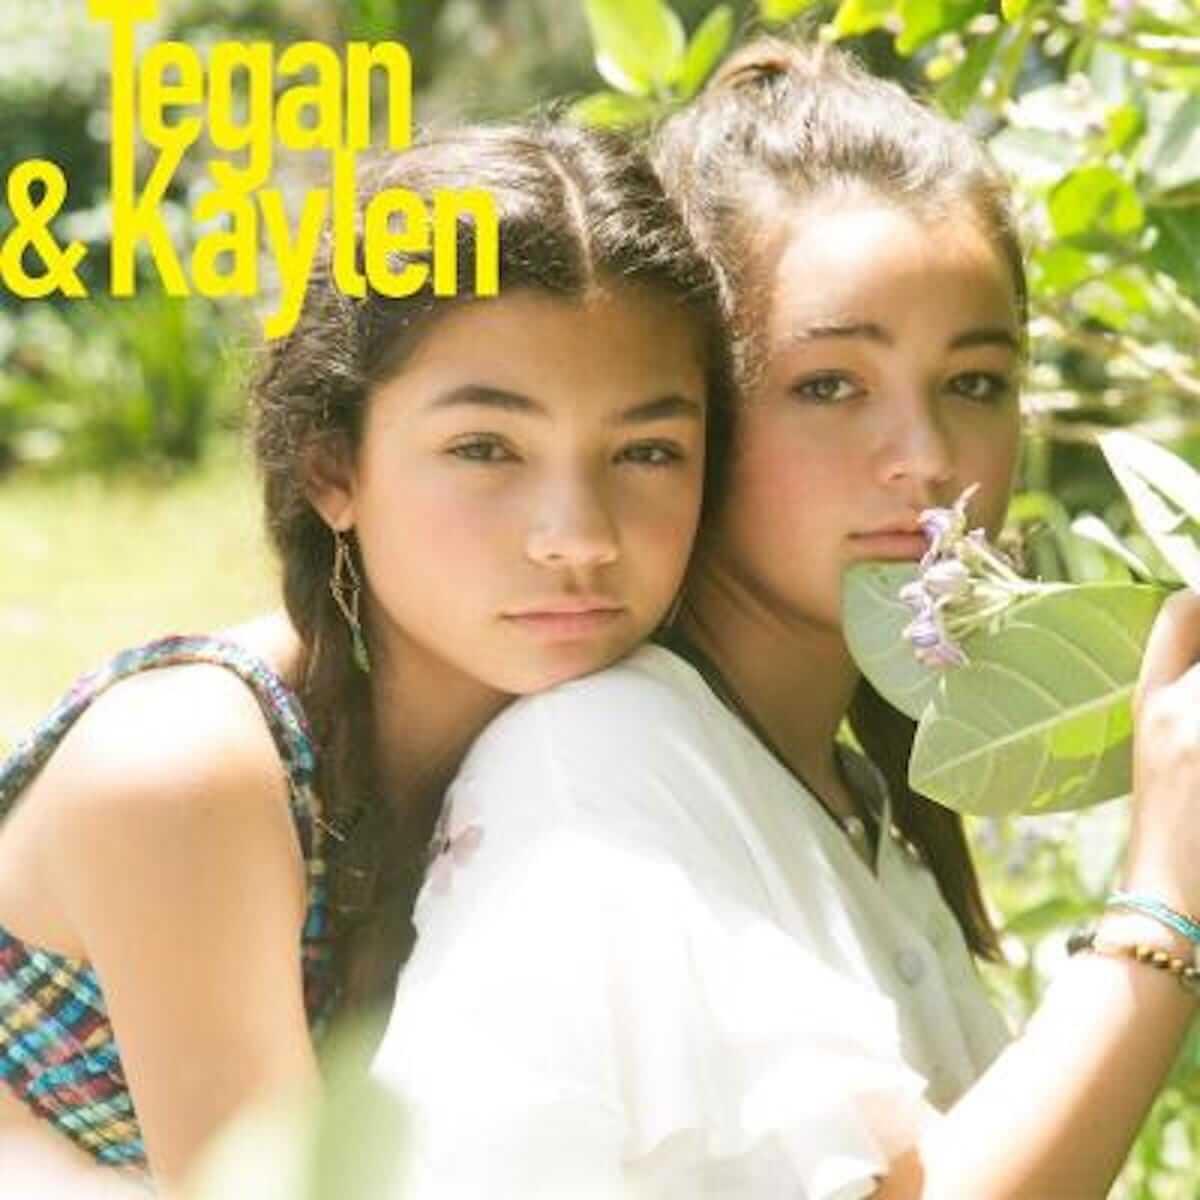 ティーガン&ケイレンが苗場にハワイの風を吹かせた!ケンドリック・ラマー、ジャック・ジョンソンのカバーも披露! music180811_teganandkaylen_001-1200x1200